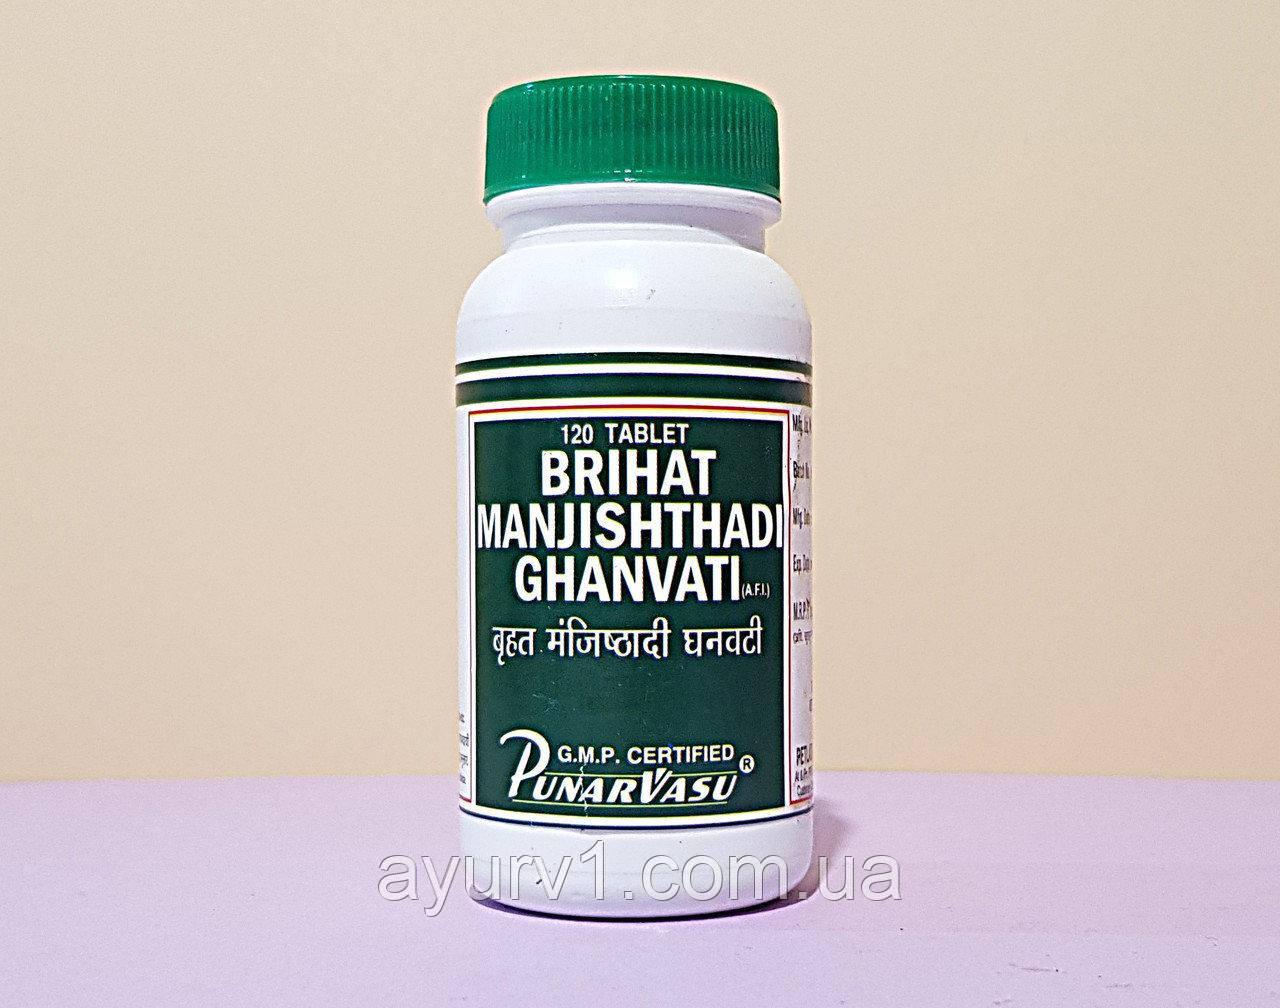 Брихат манжиштади гхан вати /Brihat Manjishthadi ghanvati, Punarvasu / 120 таб